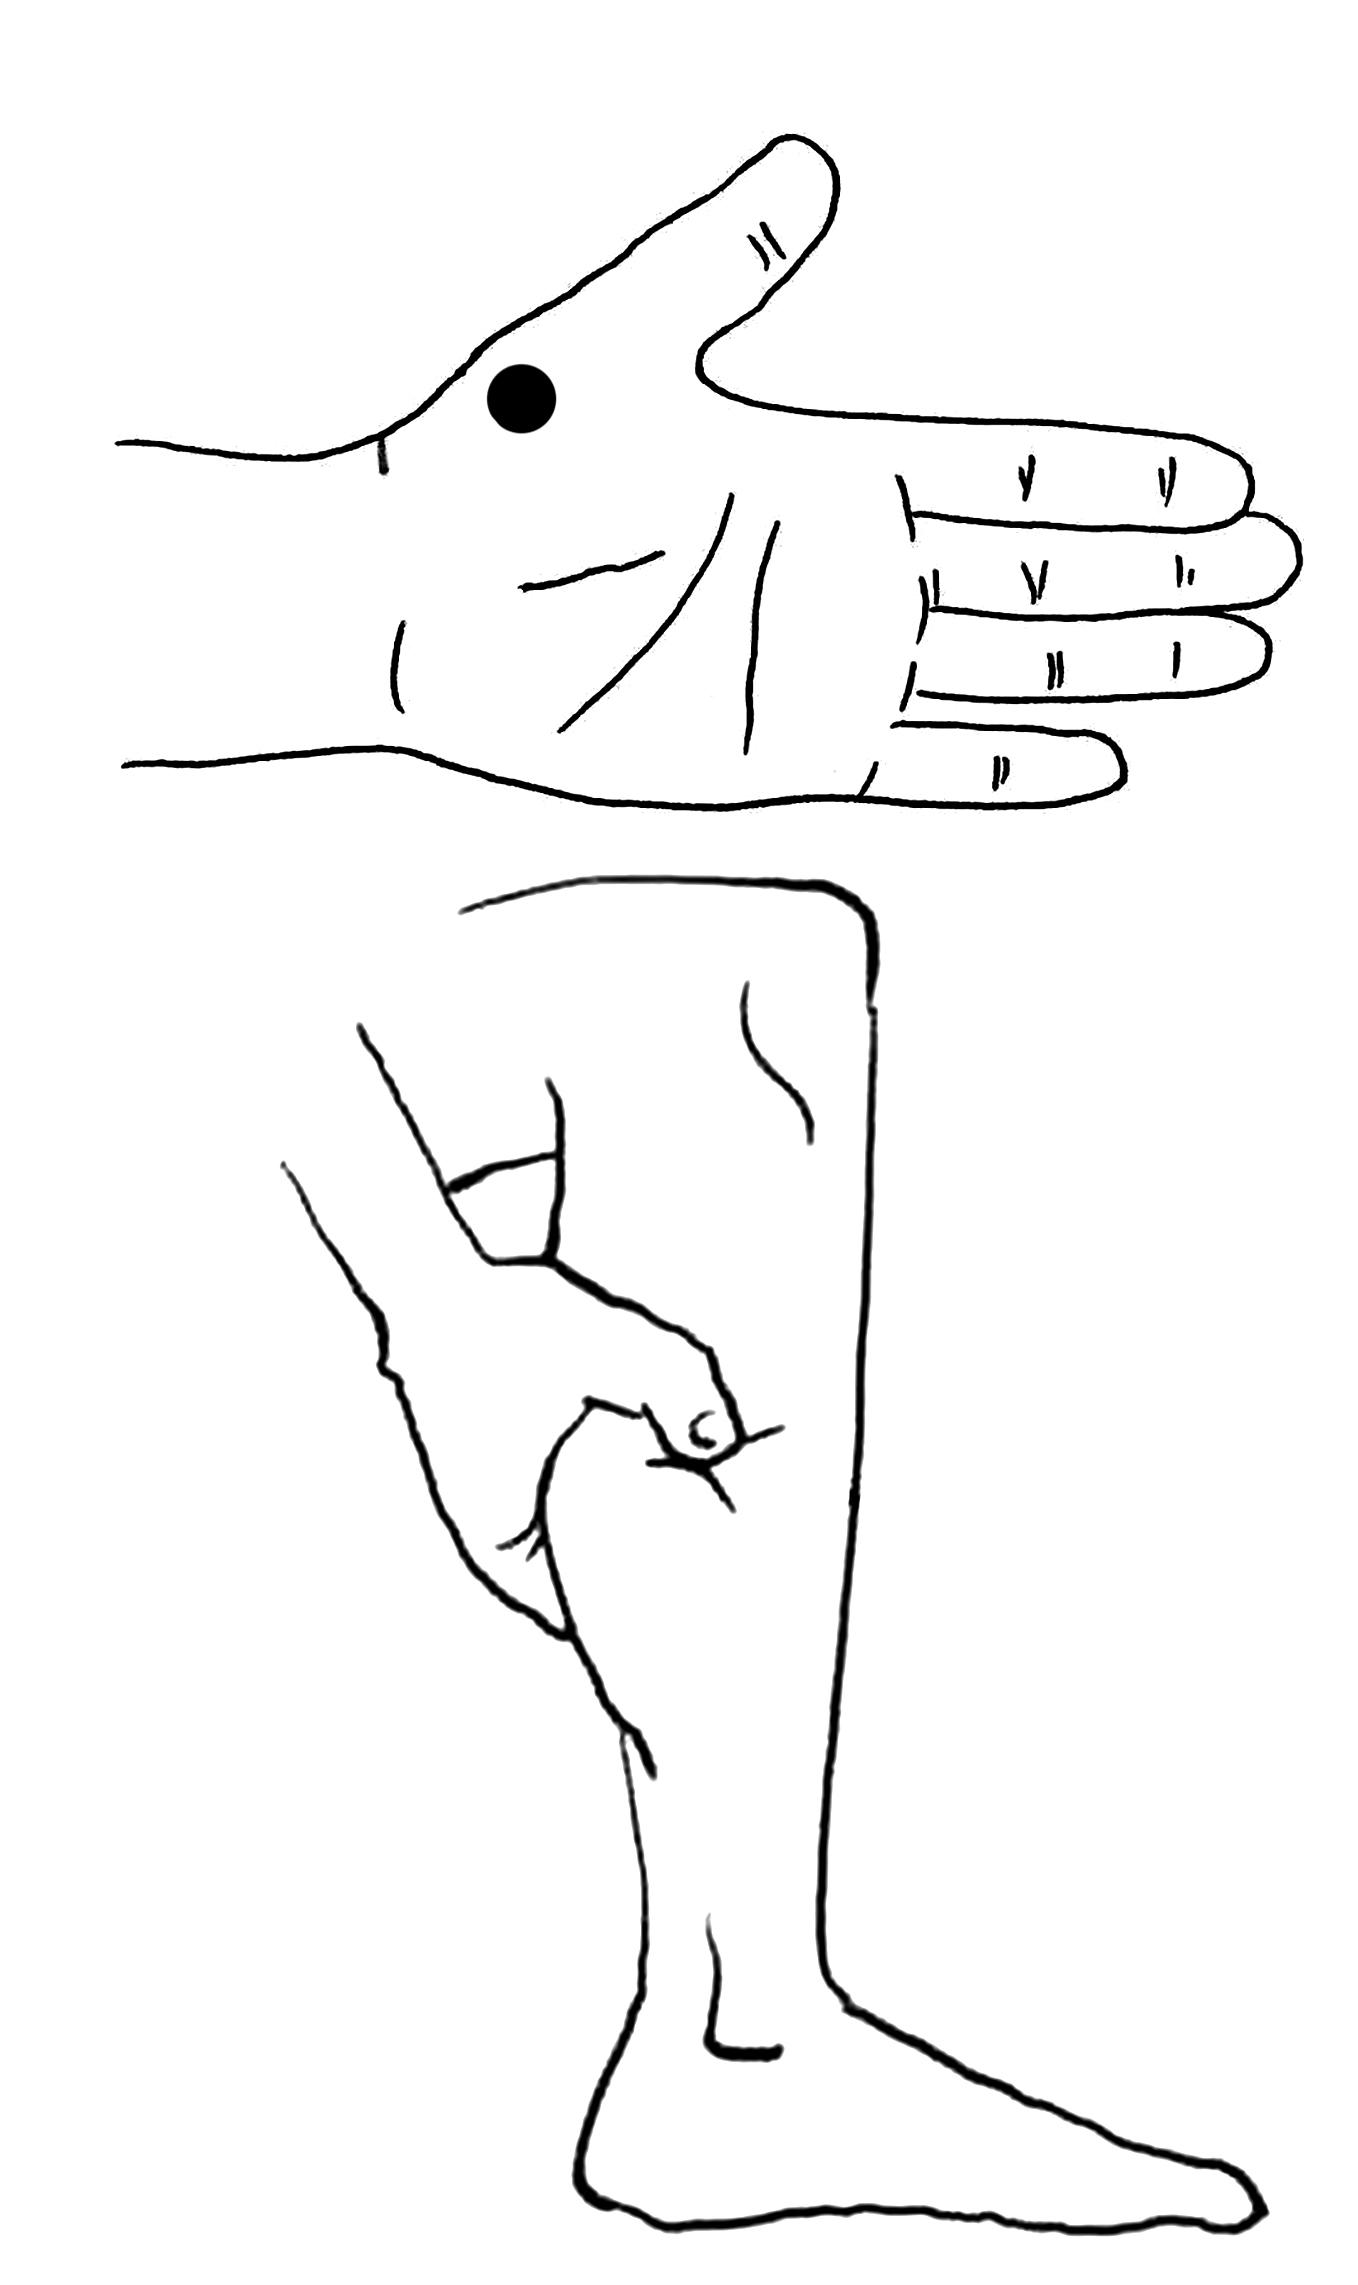 缓解咳喘按压两穴 具体方法看这里